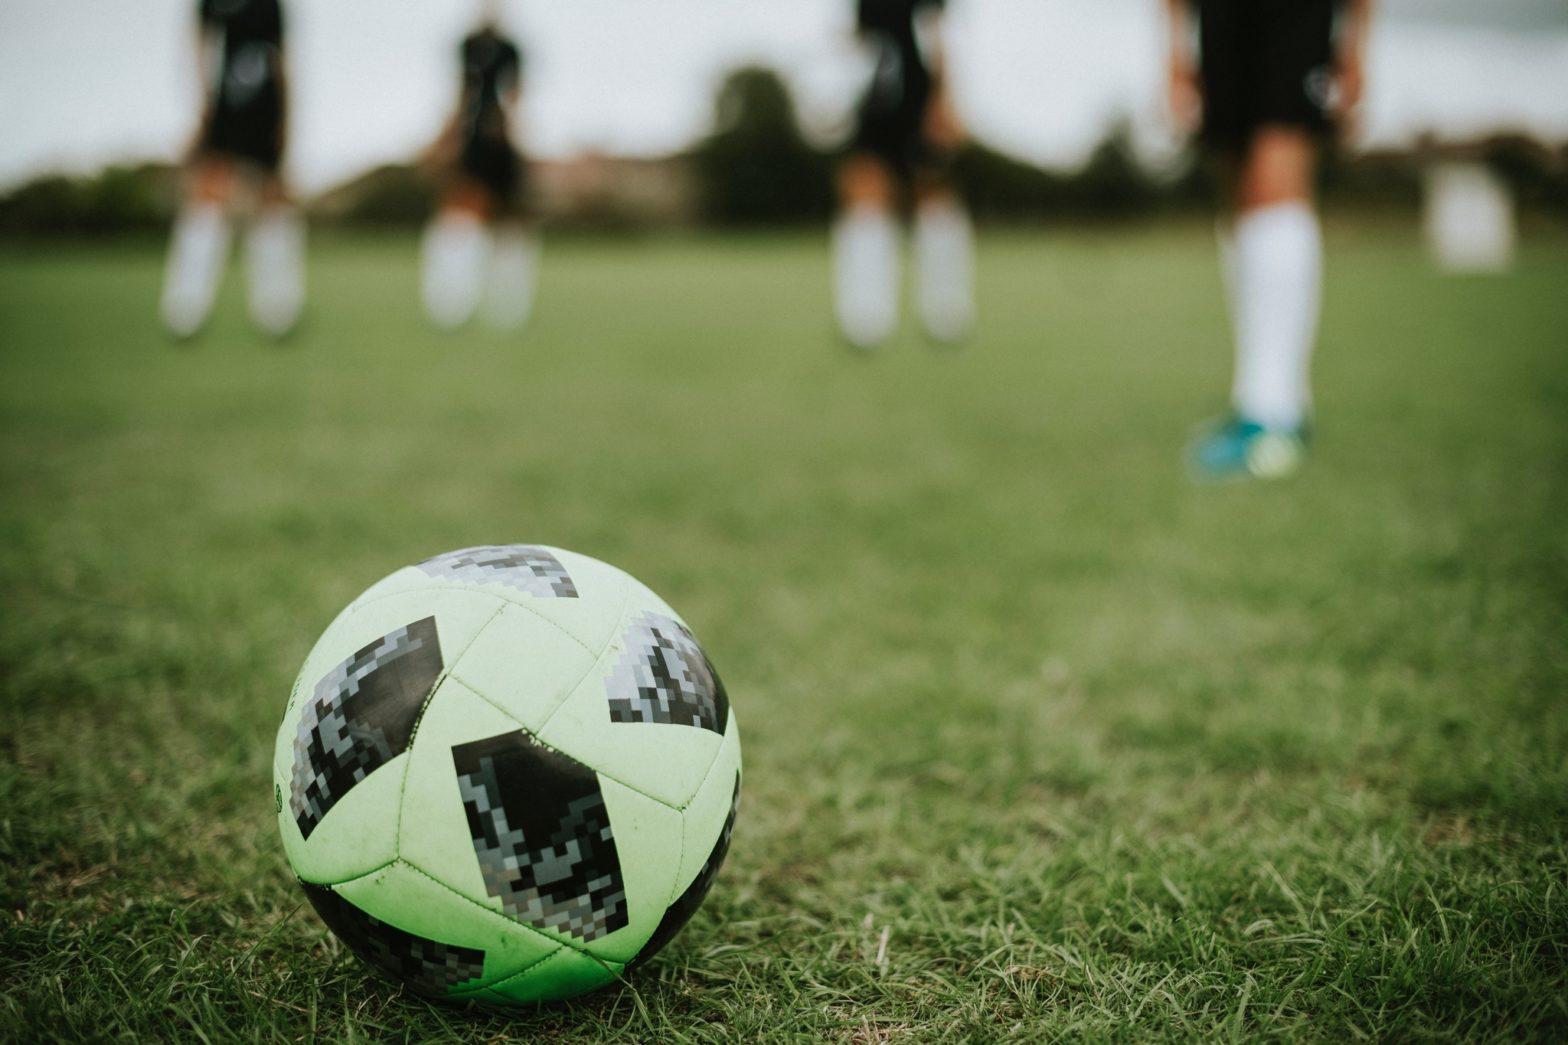 ドローンを使ったゲーム「ドローンサッカー」のニュース紹介